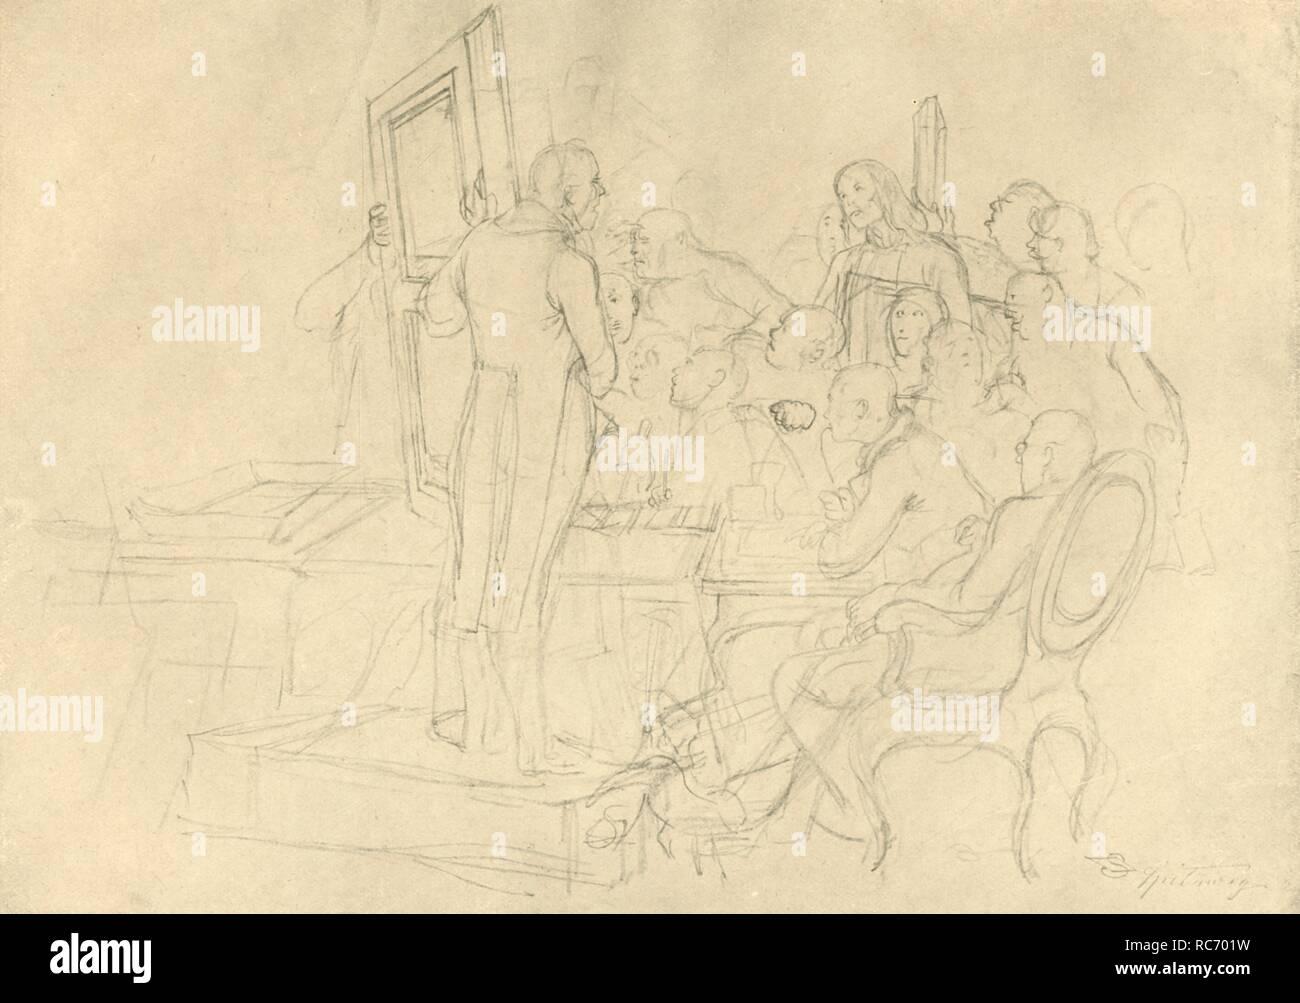 """'Die Kunstauktion', mid-late 19th century, (c1924). From """"Die gute alte Zeit: Zeichnungen von Karl Spitzweg"""", (The Good Old Days: drawings by Karl Spitzweg). [Benjamin Harz, Berlin-Vienna, c1924] - Stock Image"""